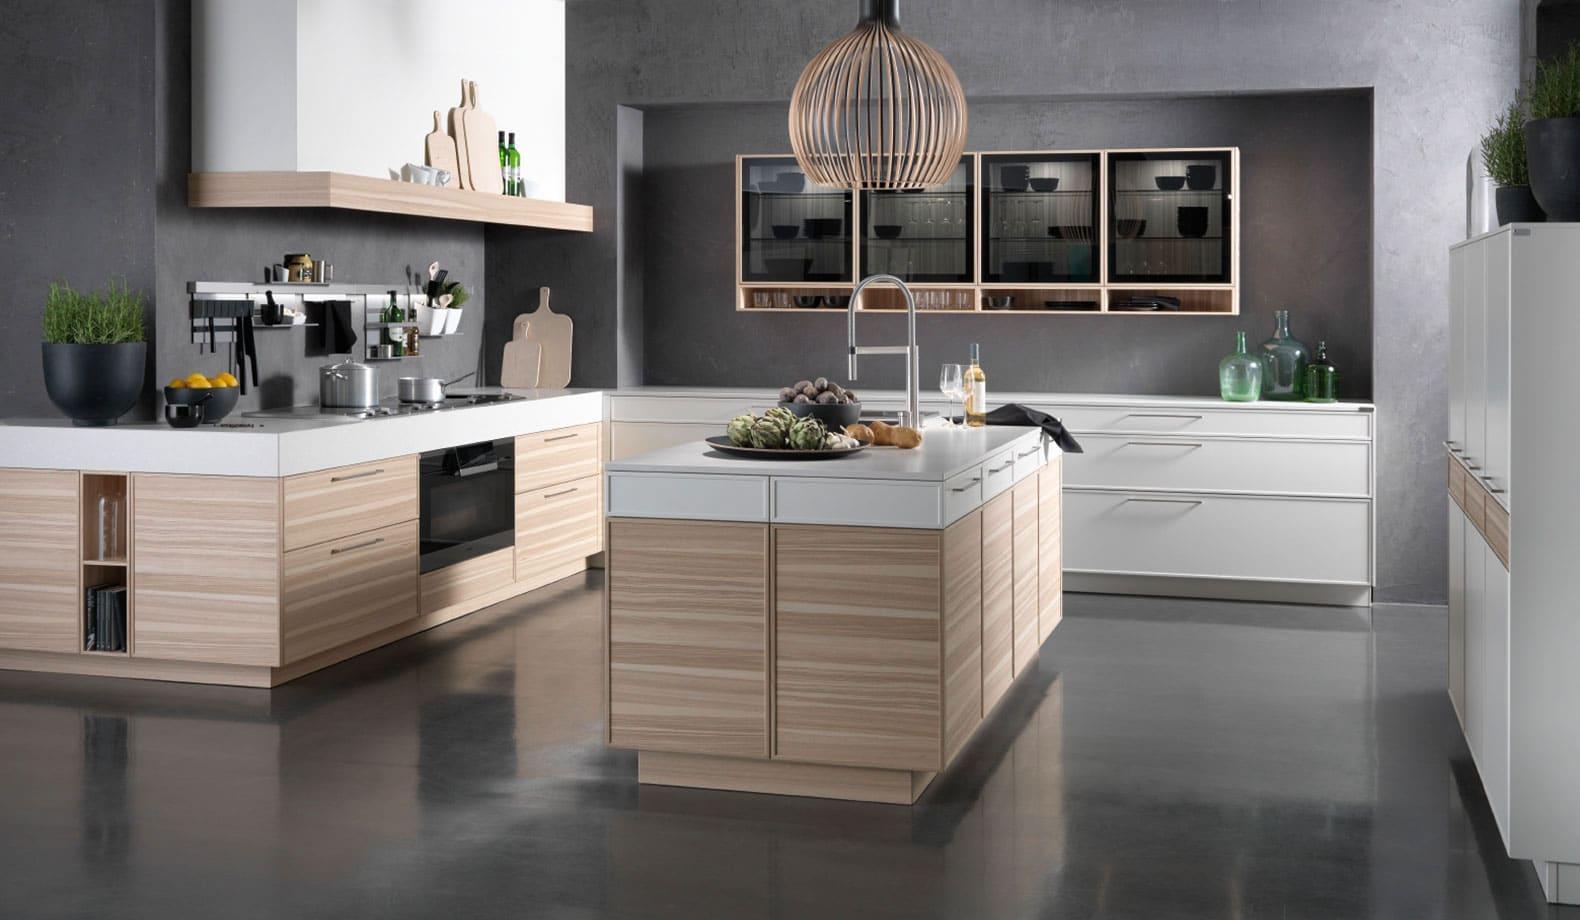 Kuechen-Design-Kochen-Essen-004